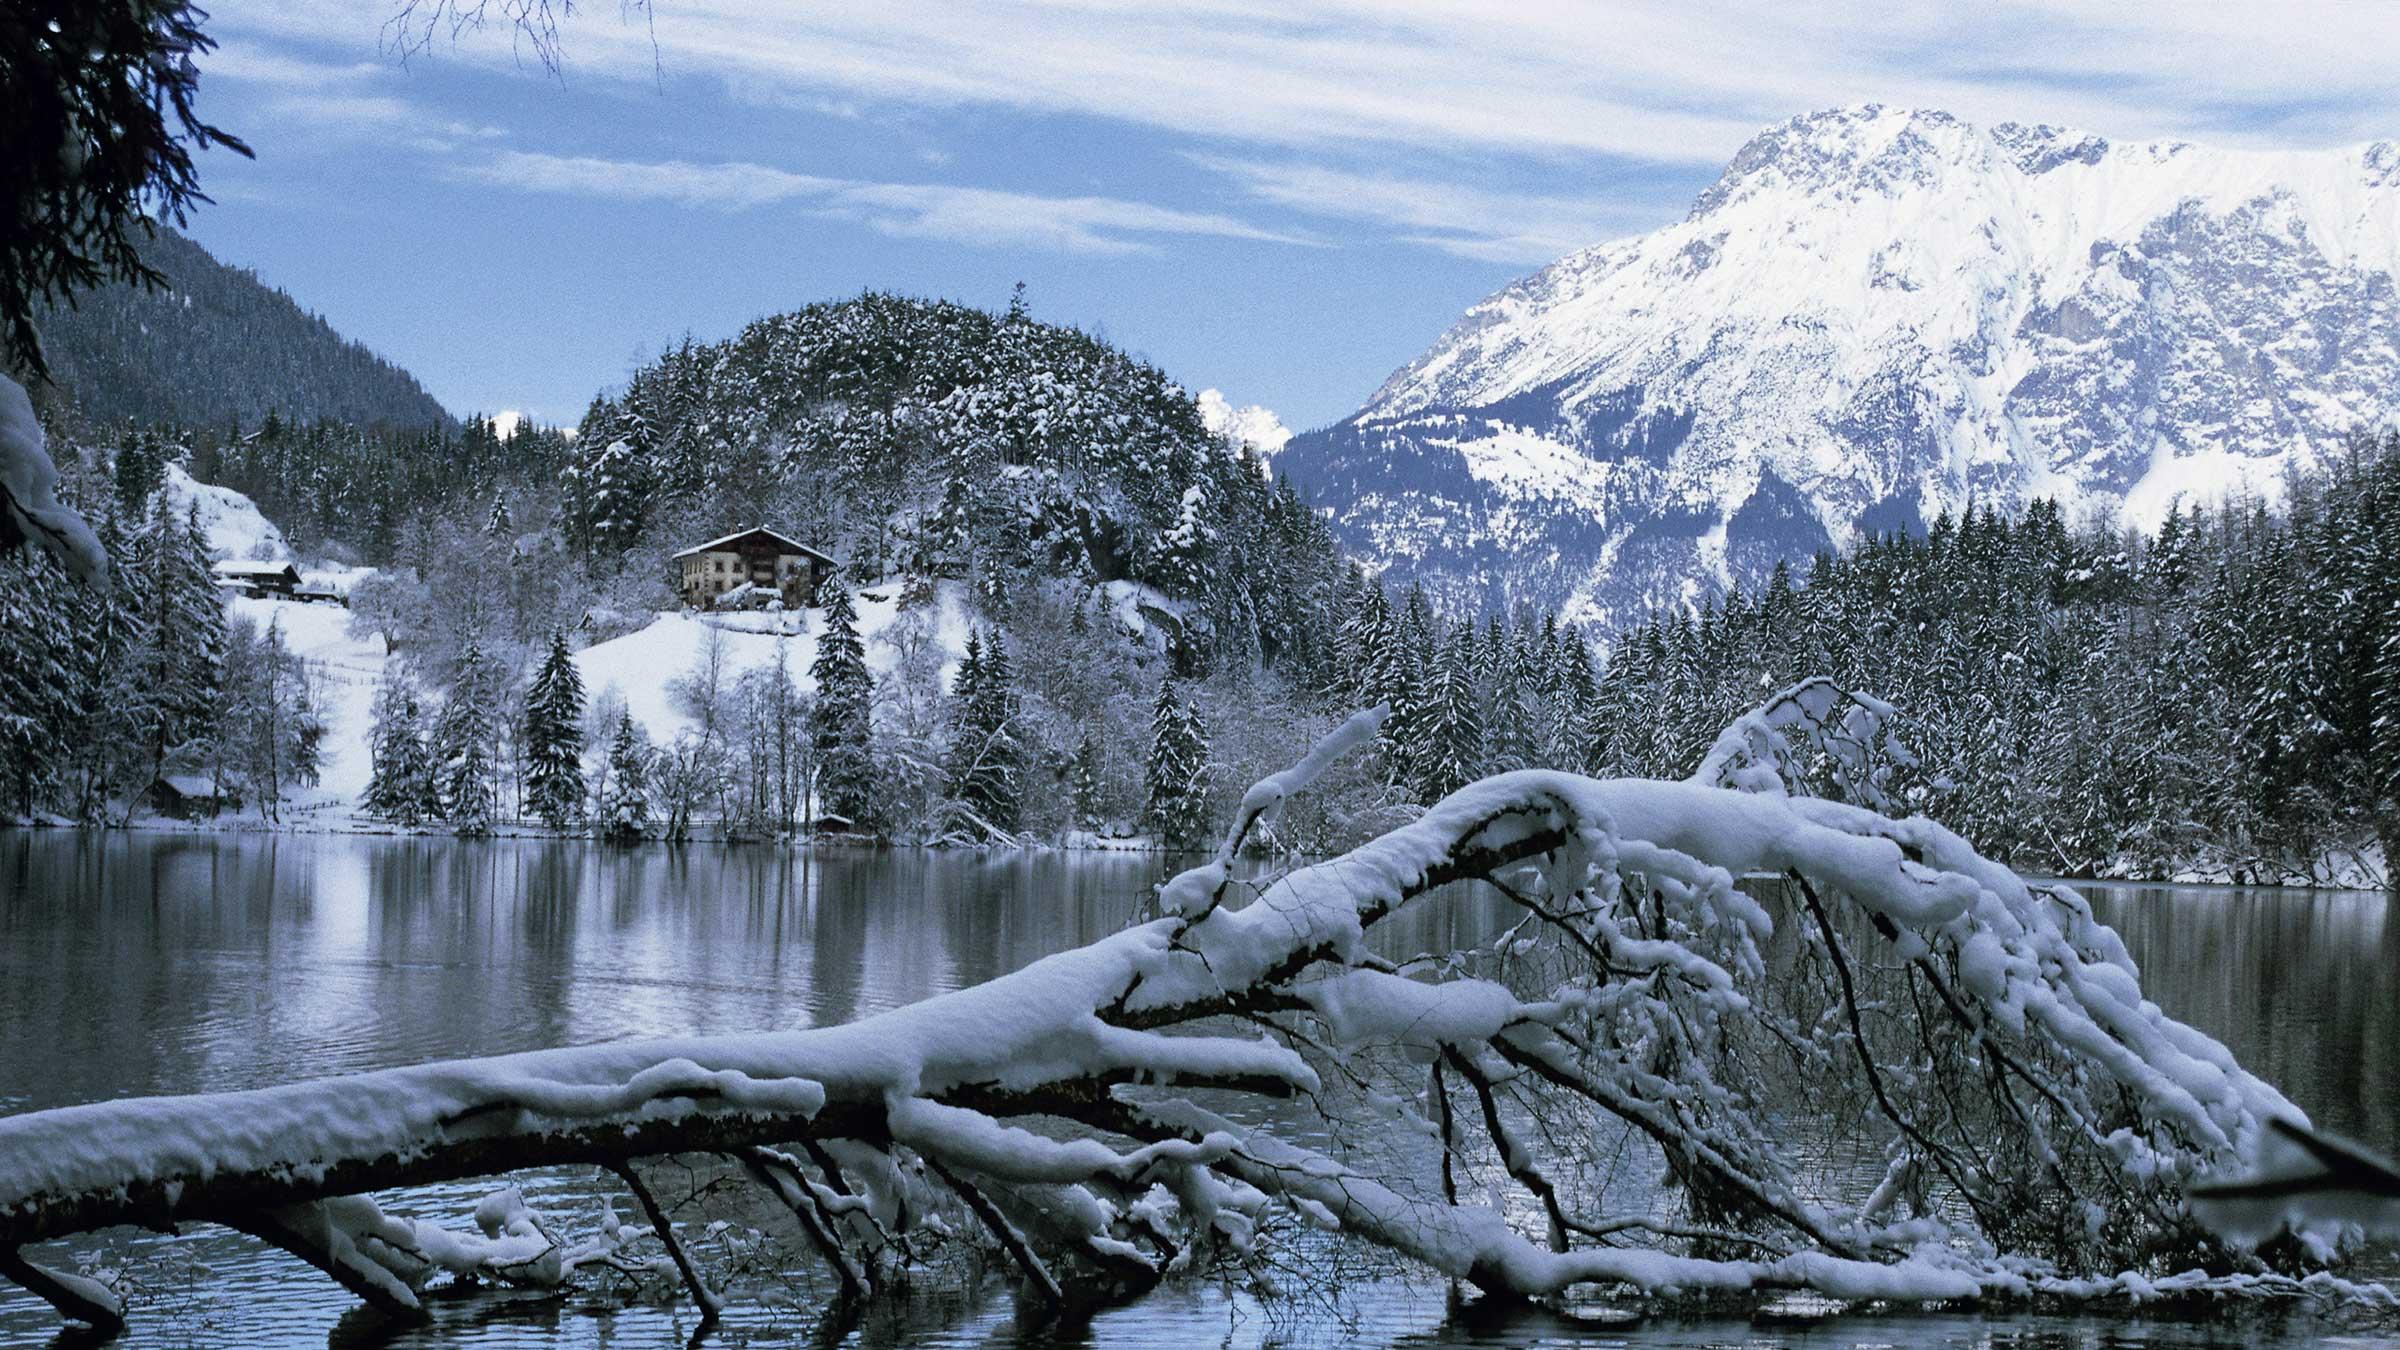 Piburgersee im Winter - Weihnachtsurlaub im Ötztal